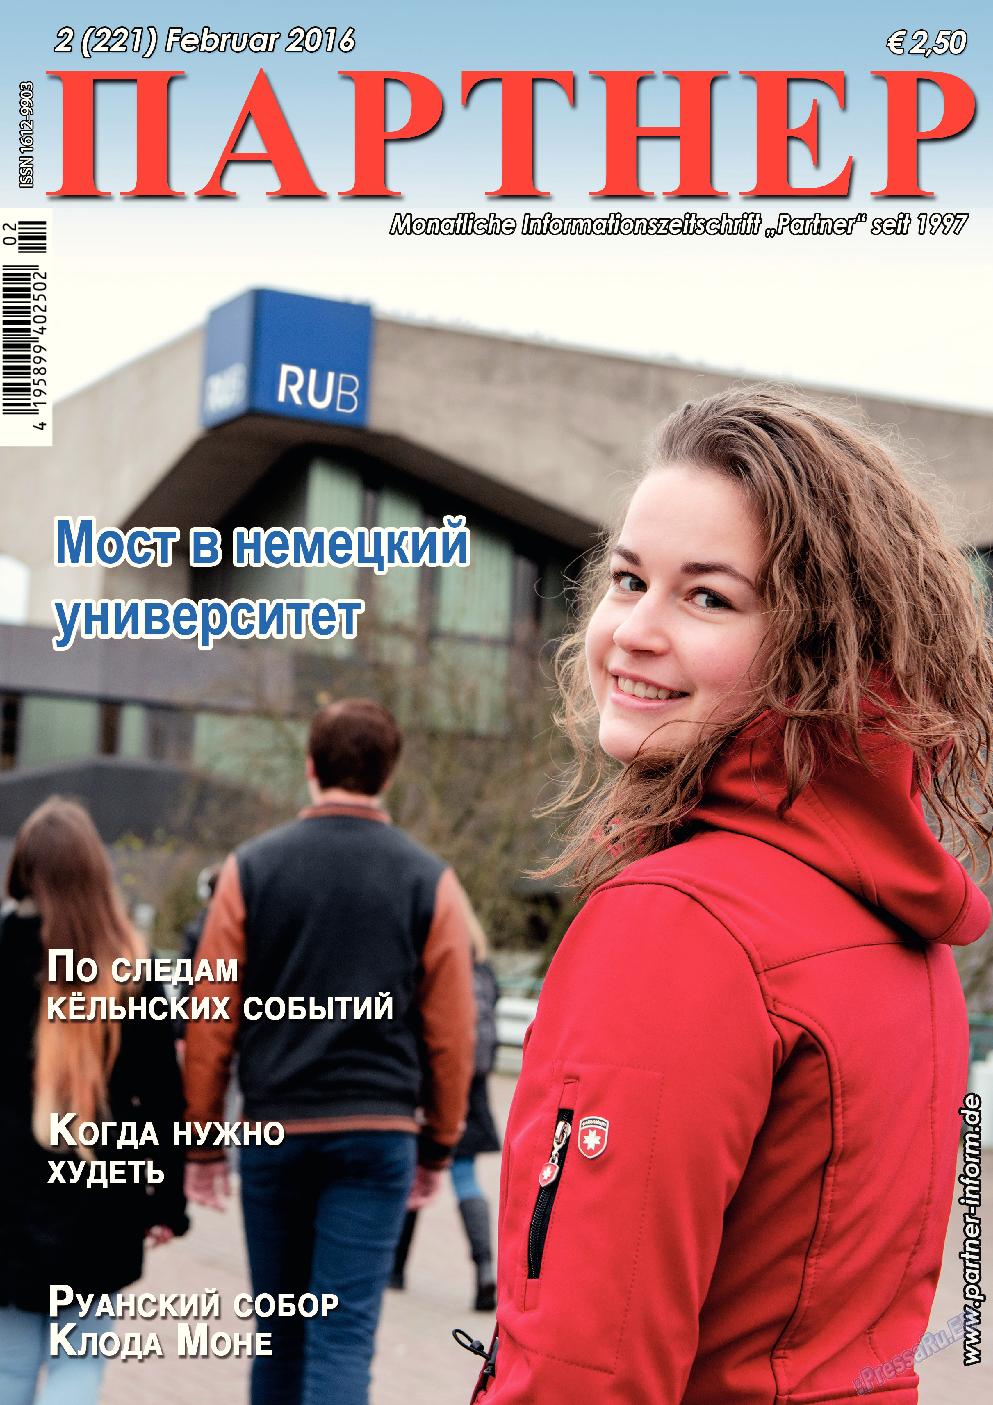 Партнер (журнал). 2016 год, номер 2, стр. 1